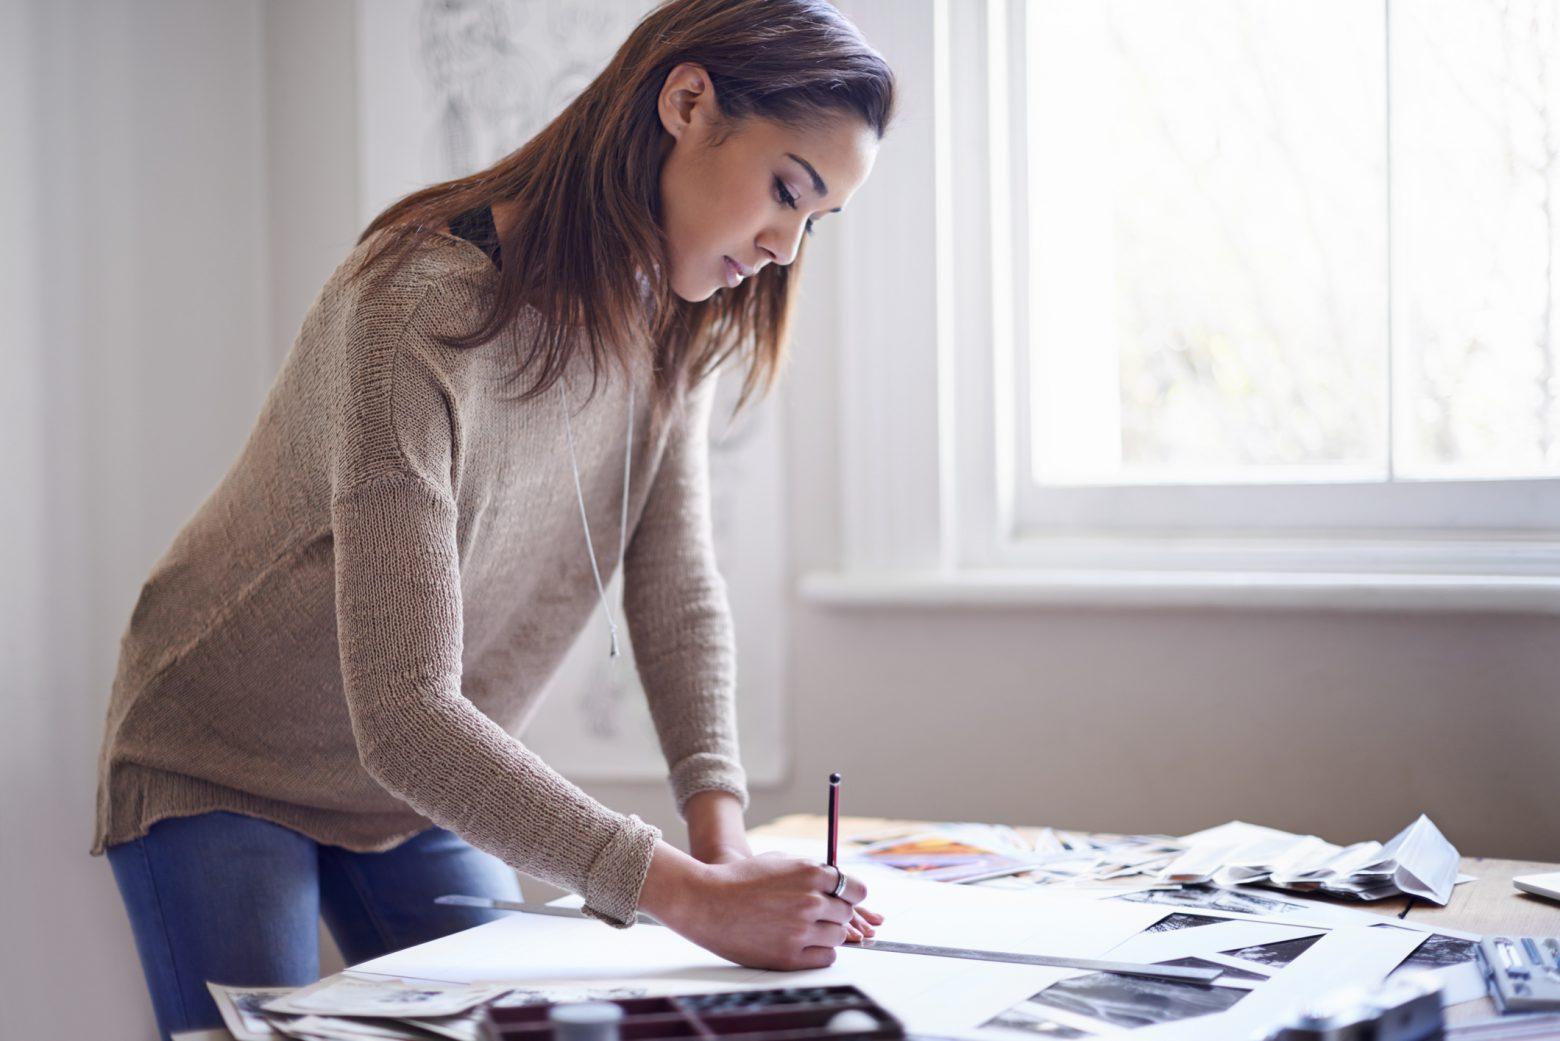 自分に合った働き方が出来、学べることも多く、充実感とやりがいをとても感じられる場所です。